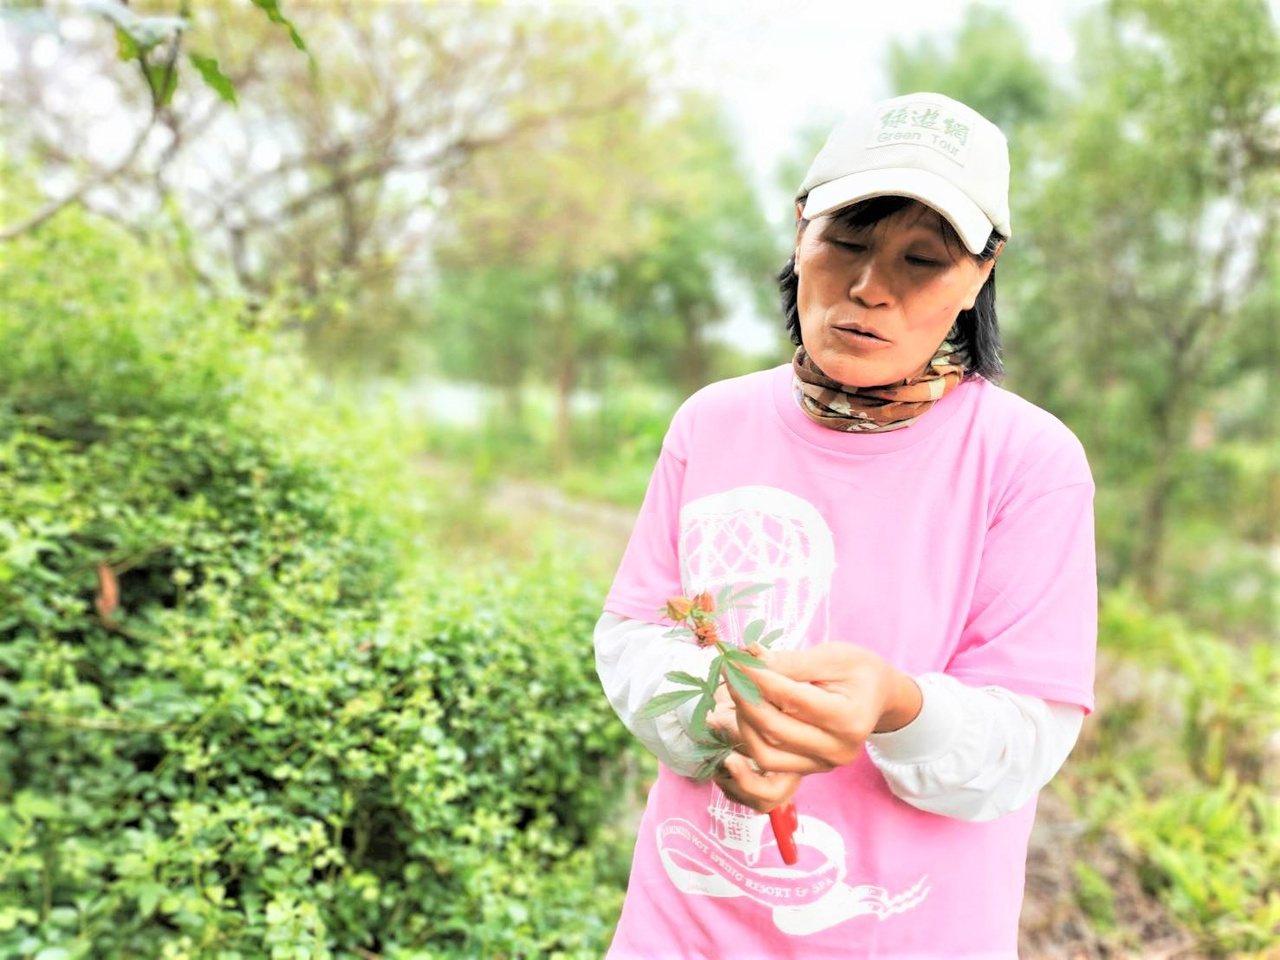 鄭玉桂雖然學商,卻一直親近大自然,自稱是「不務正業」。 圖/鹿鳴自然農園提供